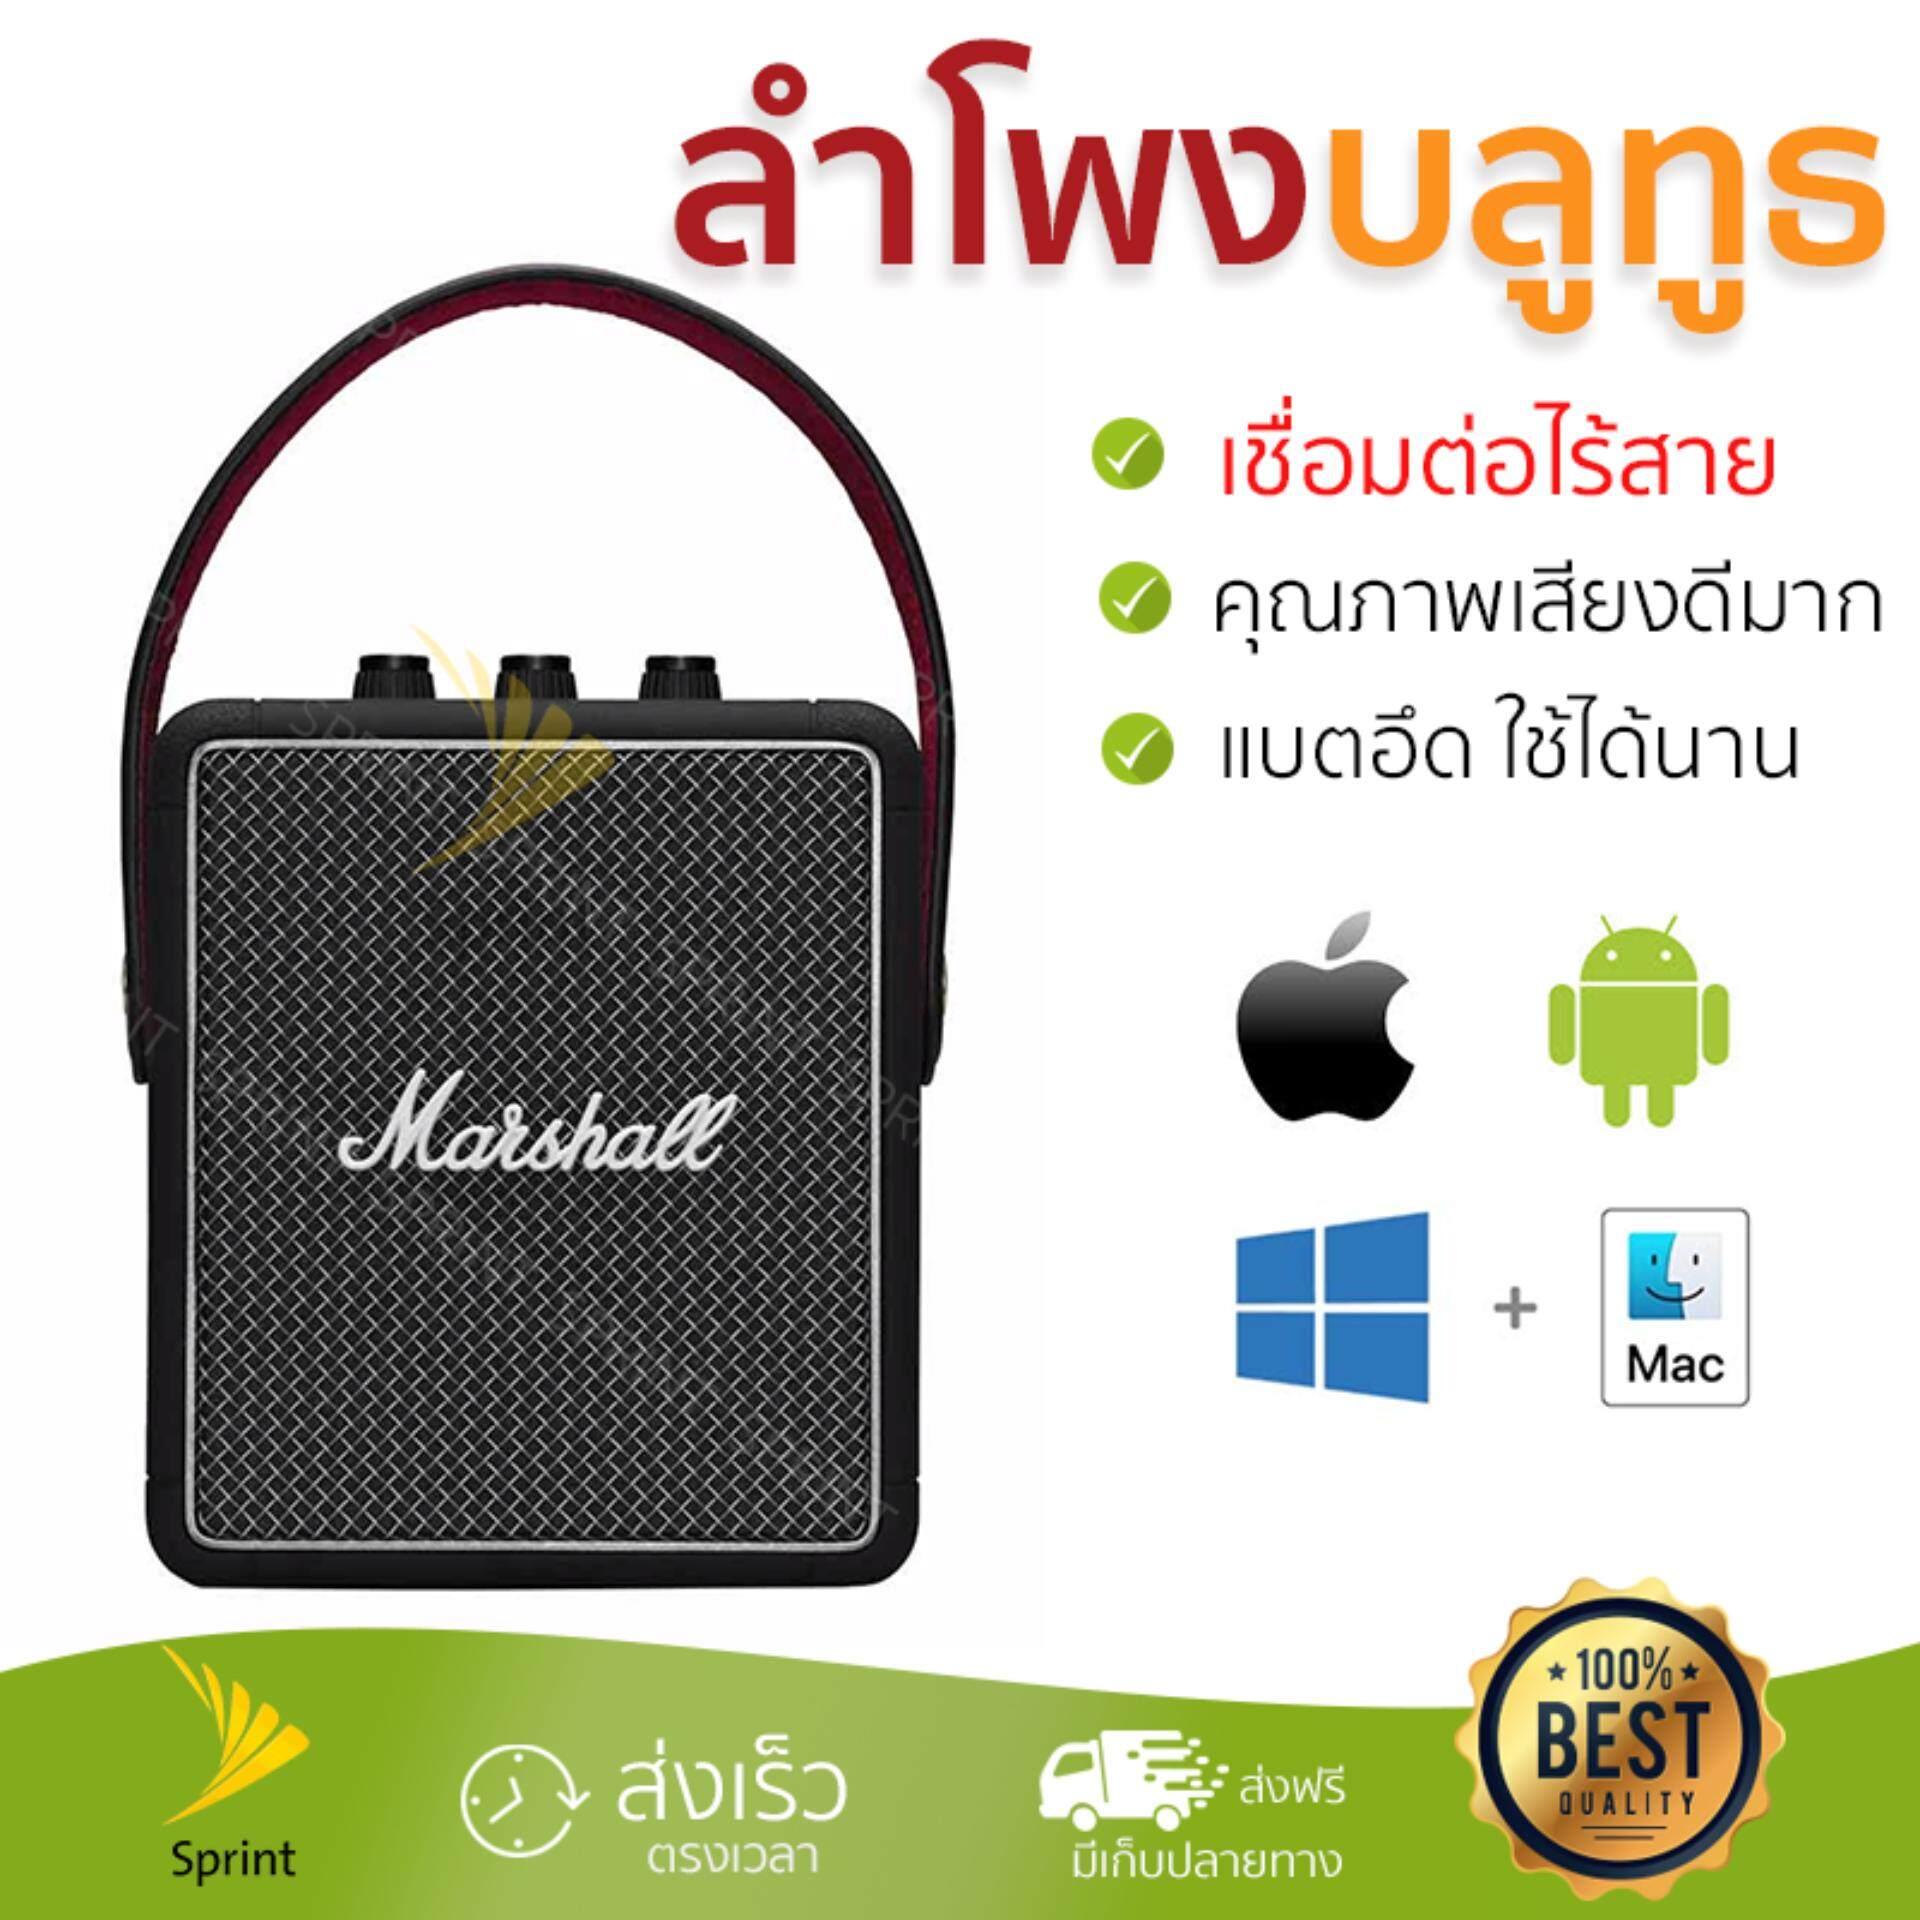 ยี่ห้อนี้ดีไหม  มหาสารคาม จัดส่งฟรี ลำโพงบลูทูธ  Marshall Bluetooth Speaker 2.1 STOCKWELL II Black เสียงใส คุณภาพเกินตัว Wireless Bluetooth Speaker รับประกัน 1 ปี